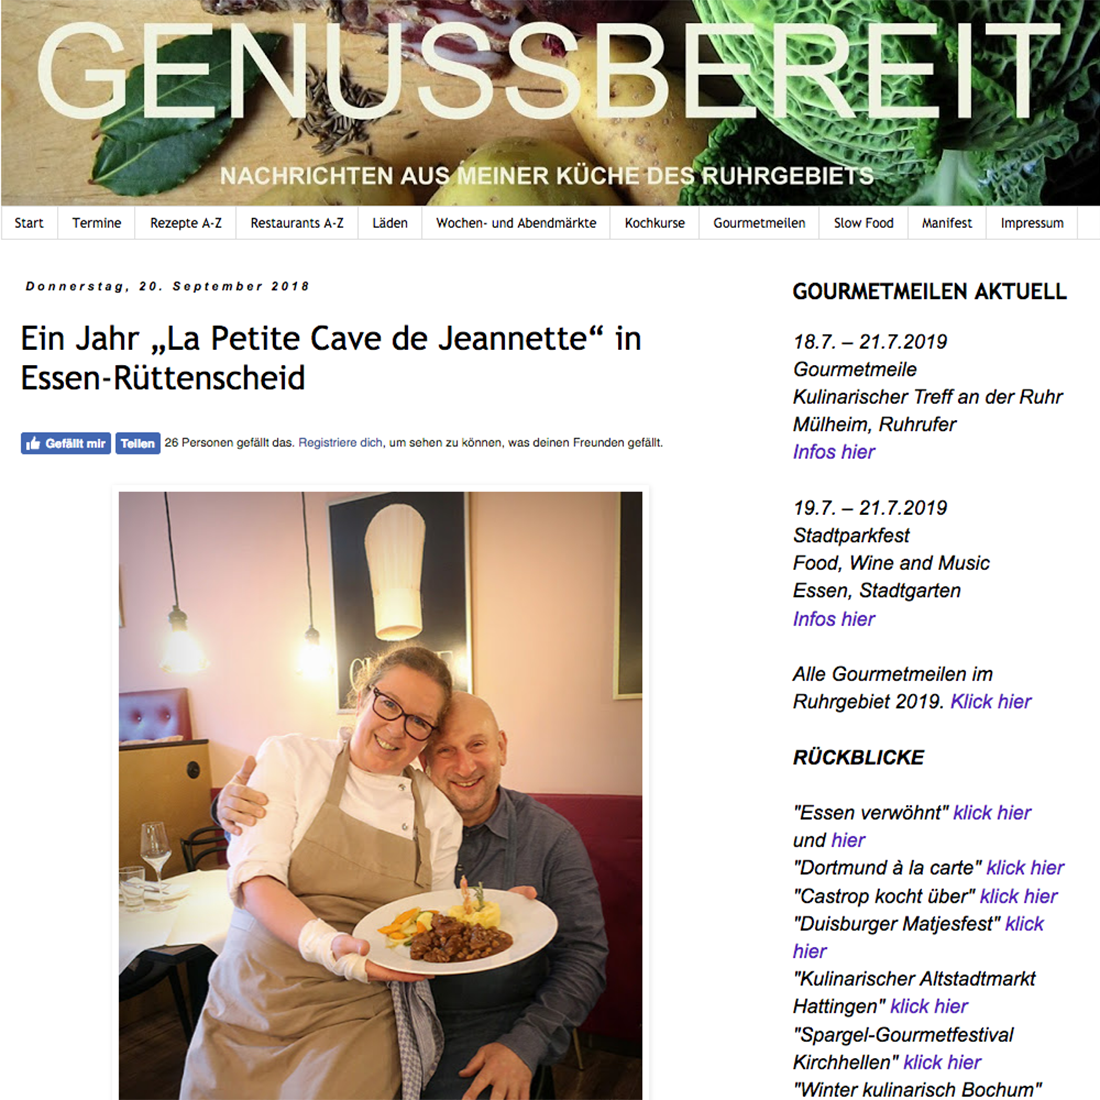 Genussbereit, Blog zur Küche im Ruhrgebiet, Peter Krauskopf